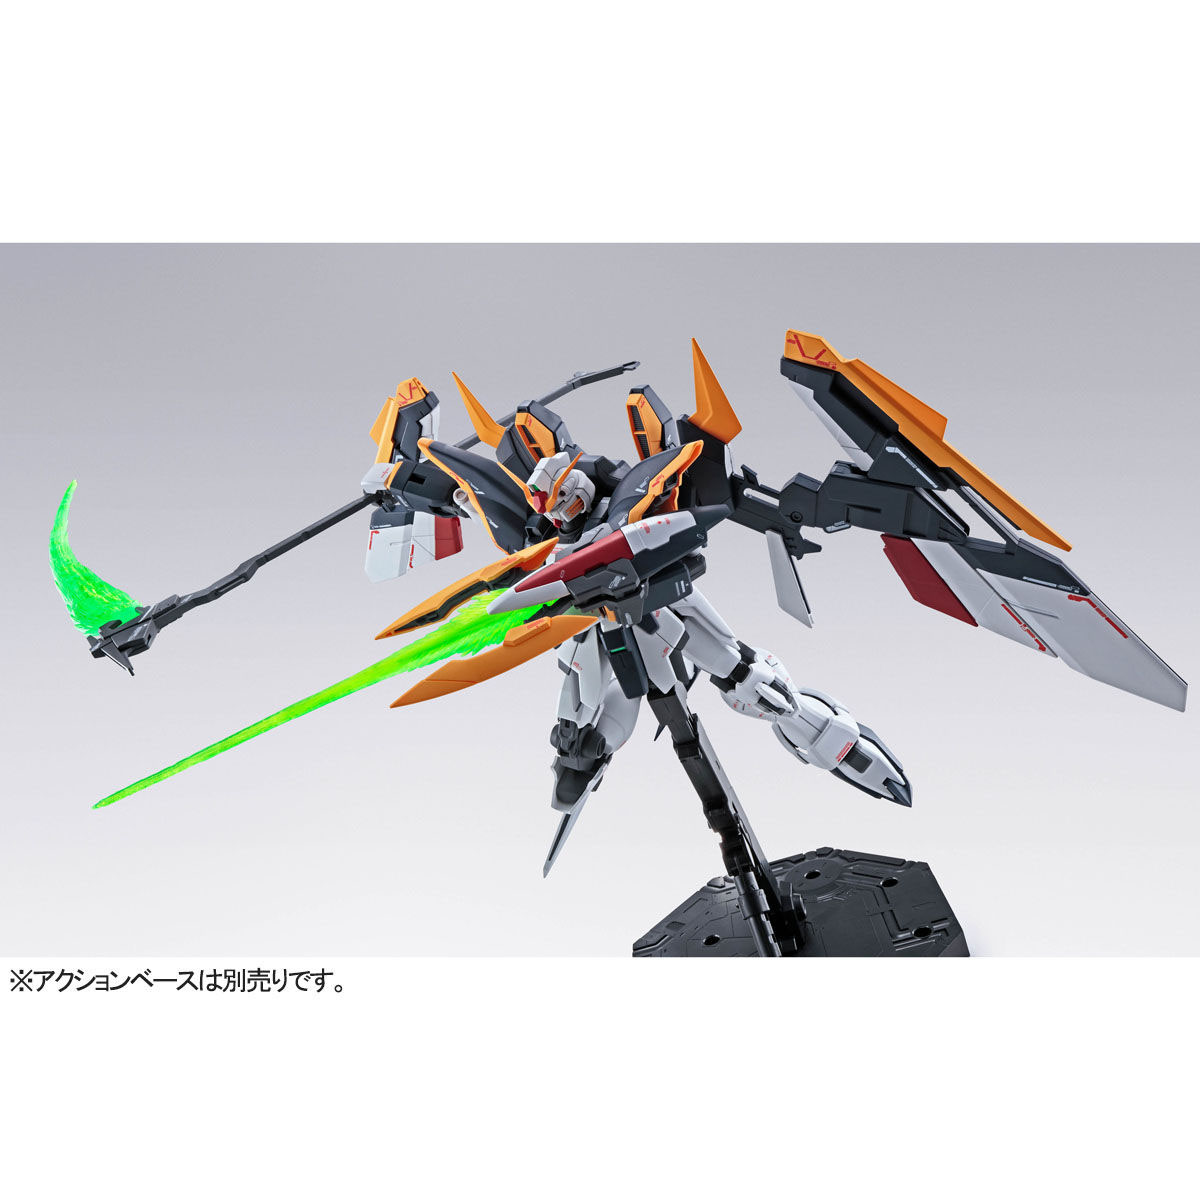 【限定販売】MG 1/100『ガンダムデスサイズ EW(ルーセット装備)』ガンダムW プラモデル-004